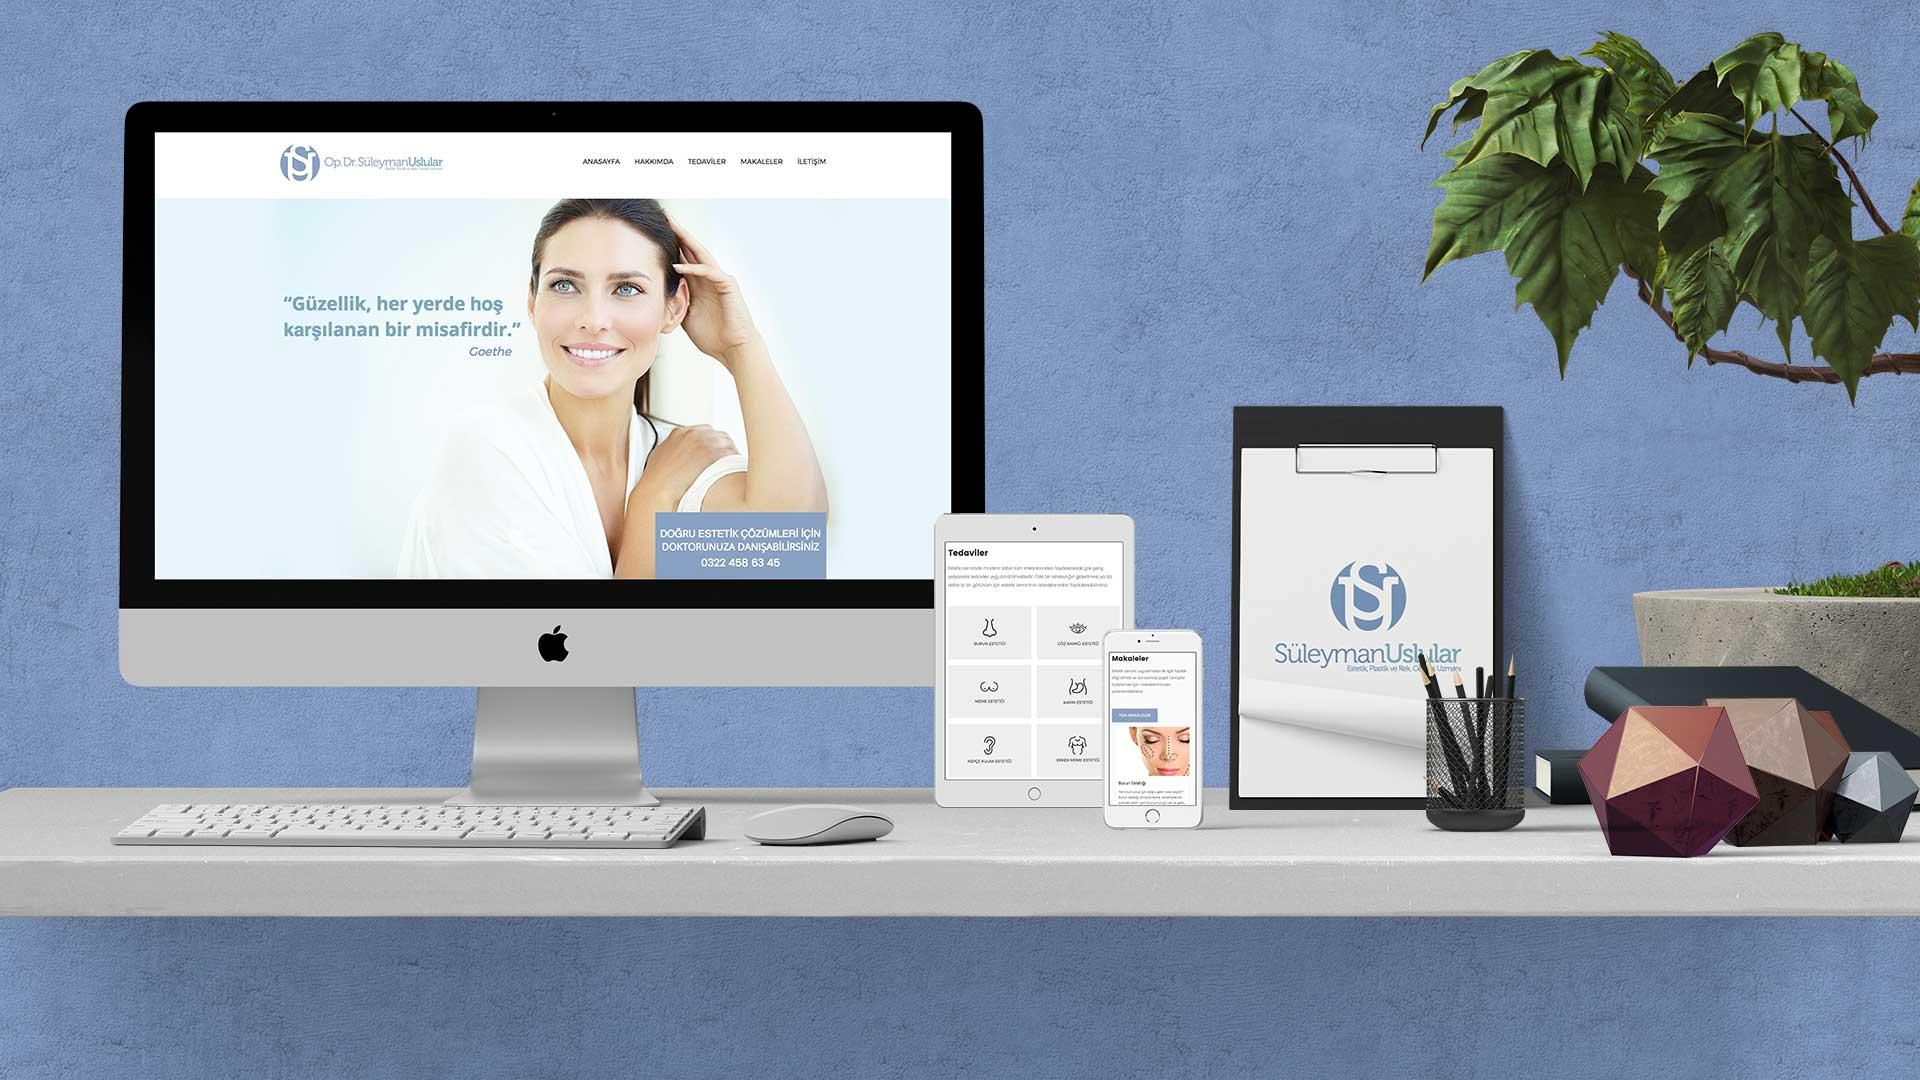 Süleyman Uslular - İnternet Sitesi Tasarımı